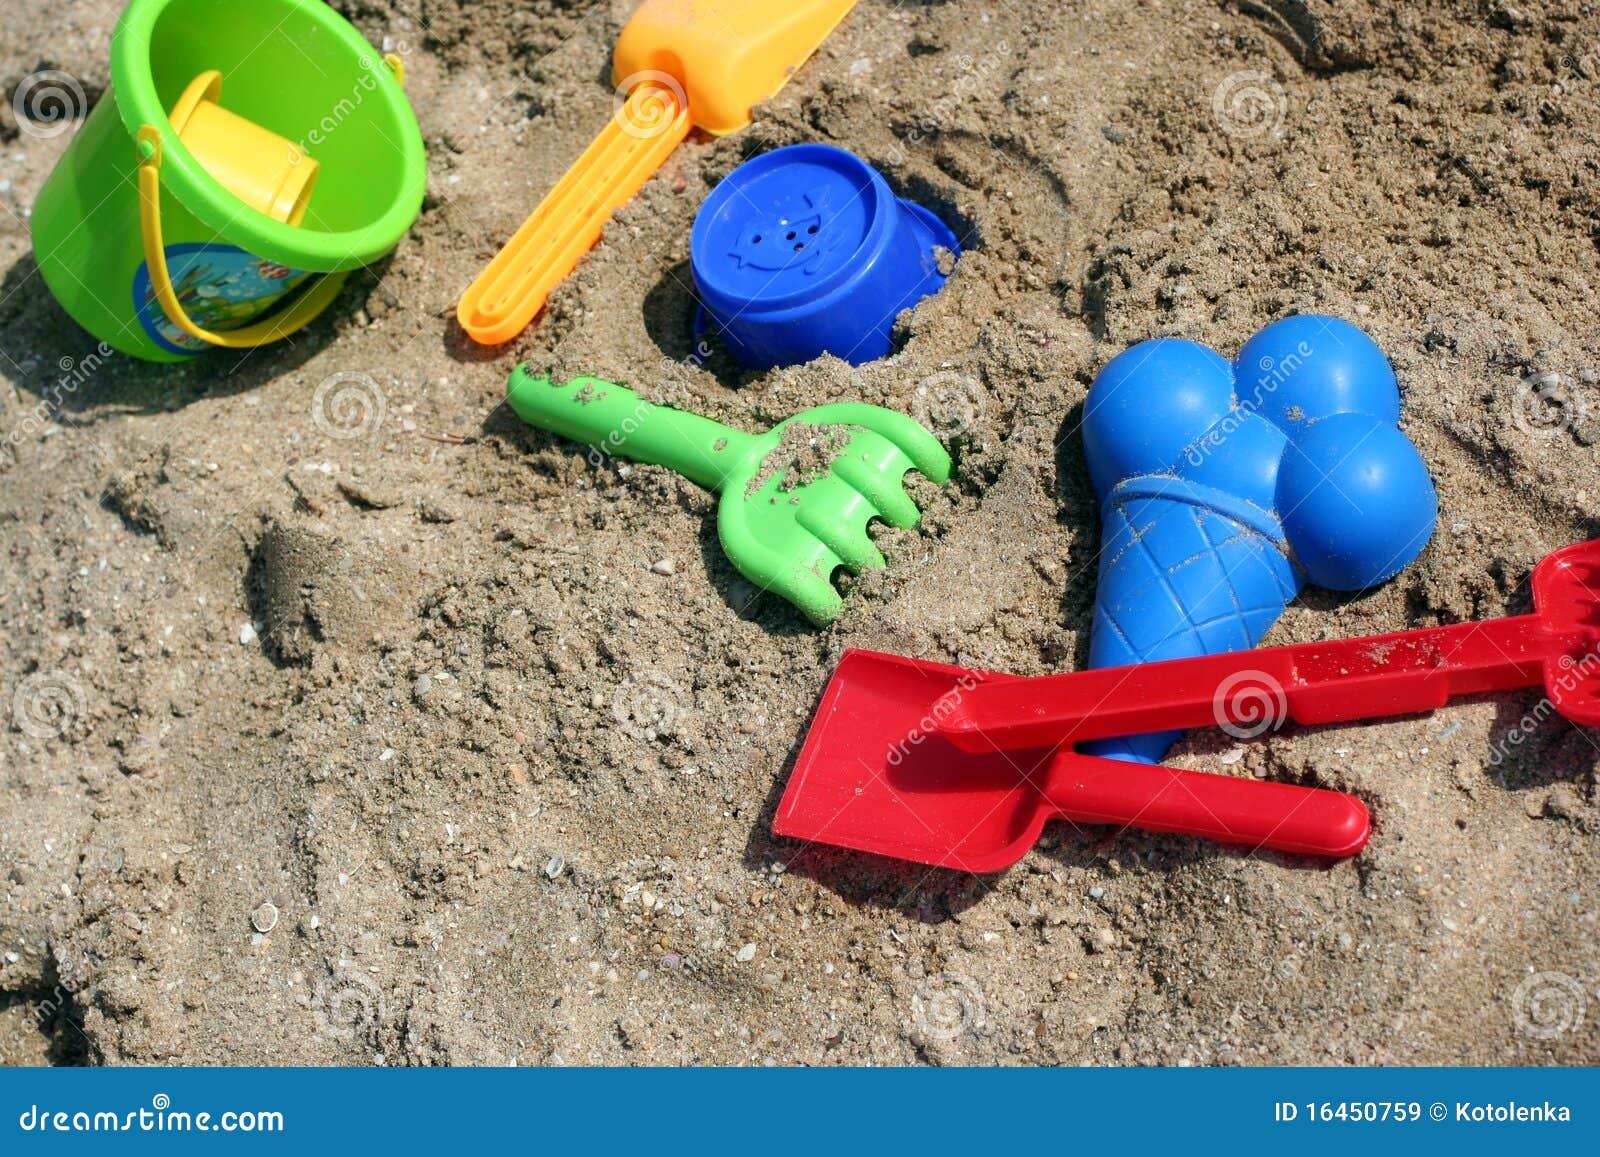 jouets d 39 enfant pour jouer en sable image stock image du caillou bleu 16450759. Black Bedroom Furniture Sets. Home Design Ideas